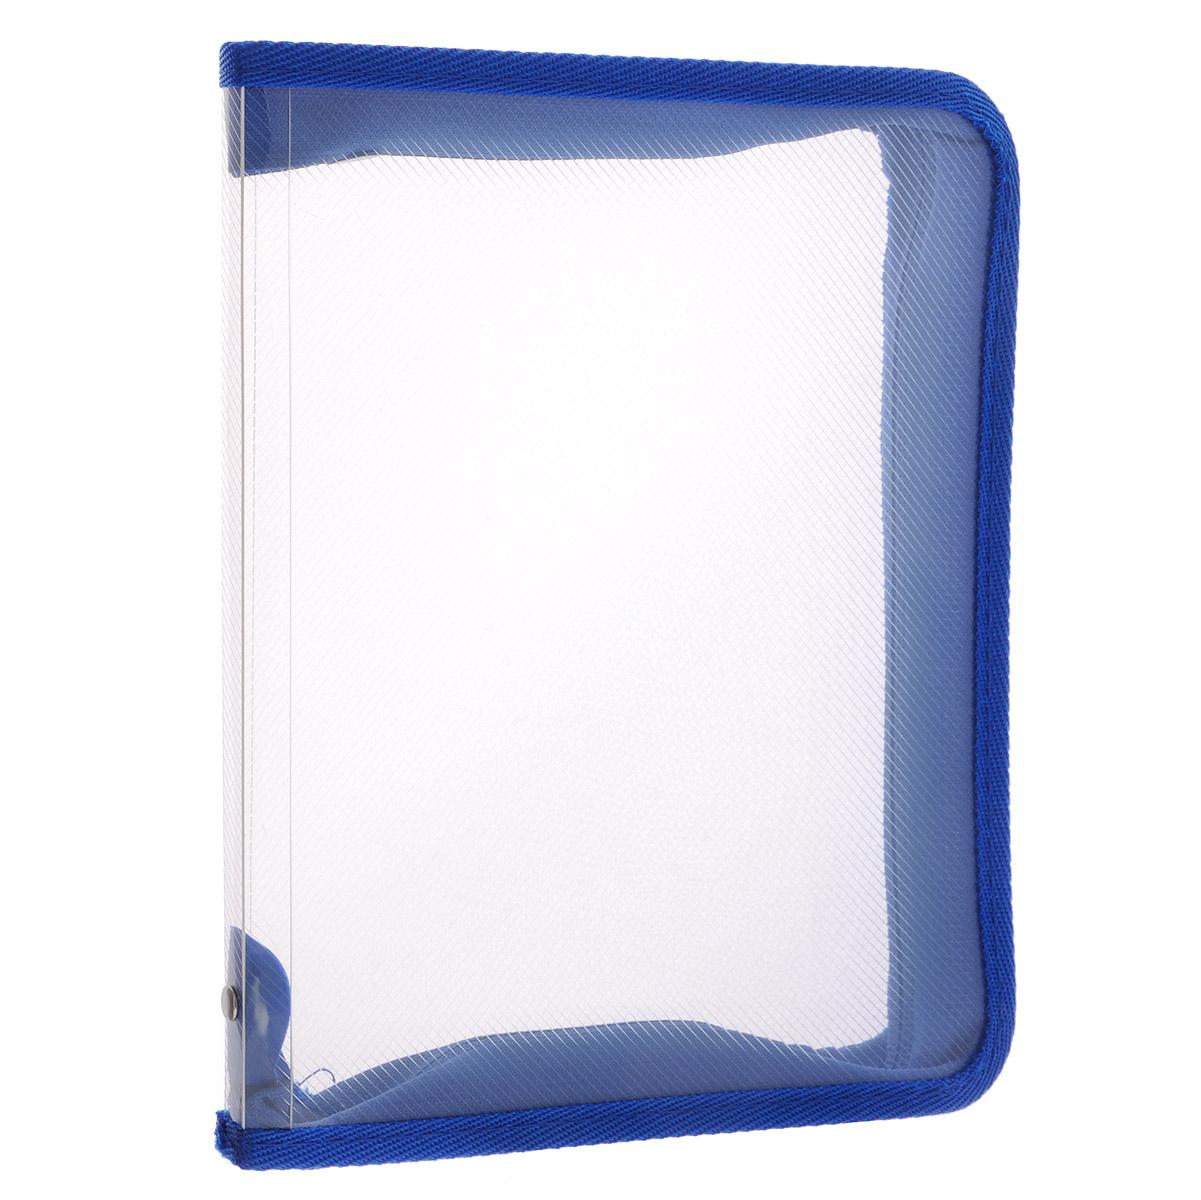 Папка Erich Krause, на молнии, цвет: синий, прозрачный. Формат А450120Папка Erich Krause - это удобный и функциональный офисный инструмент, предназначенный для хранения и транспортировки рабочих бумаг и документов формата А4, а также тетрадей и канцелярских принадлежностей. В папке одно вместительное отделение.Папка изготовлена из прочного высококачественного пластика, закрывается на круговую застежку-молнию. Папка состоит из одного отделения. Папка оформлена оригинальным принтом в виде мелкой клетки. Папка имеет опрятный и неброский вид. Края папки отделаны полиэстером, а уголки имеют закругленную форму, что предотвращает их загибание и помогает надолго сохранить опрятный вид обложки.Папка - это незаменимый атрибут для любого студента, школьника или офисного работника. Такая папка надежно сохранит ваши бумаги и сбережет их от повреждений, пыли и влаги. Надежная застежка-молния вокруг папки обеспечивает максимальный комфорт в использовании изделия, позволяя быстро открыть и закрыть папку.